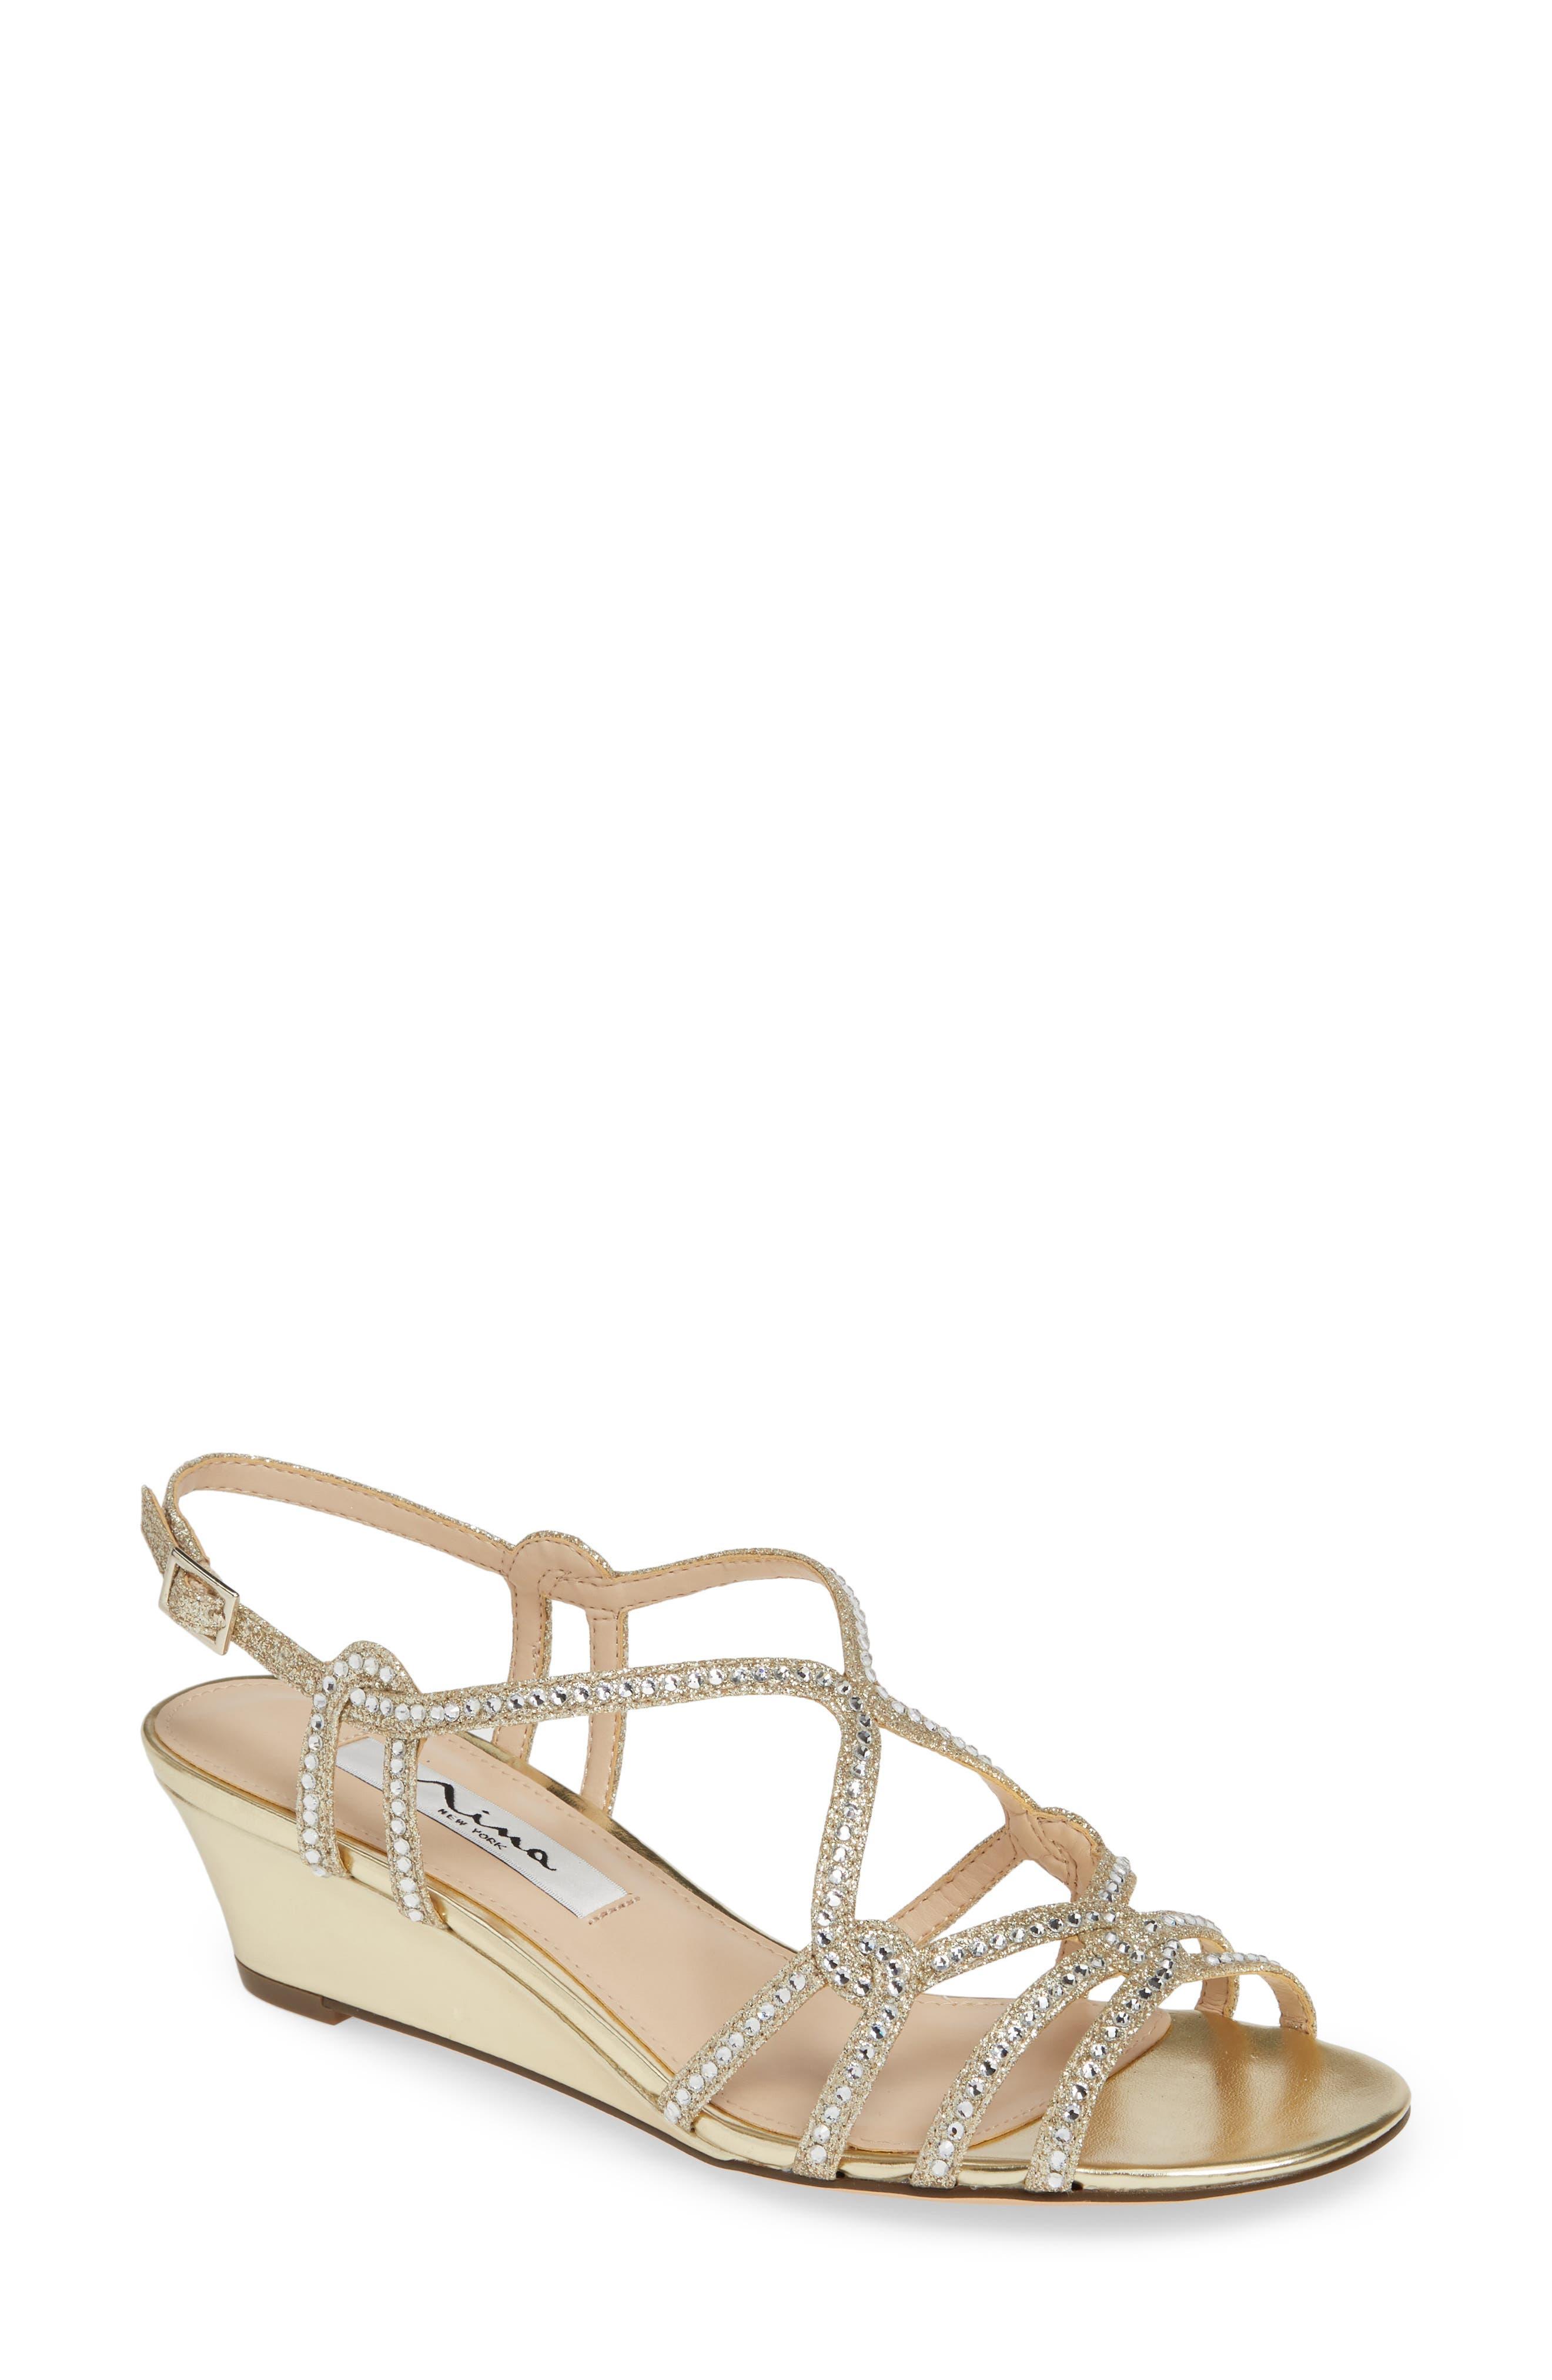 Nina Fynlee Crystal Embellished Wedge Sandal, Metallic